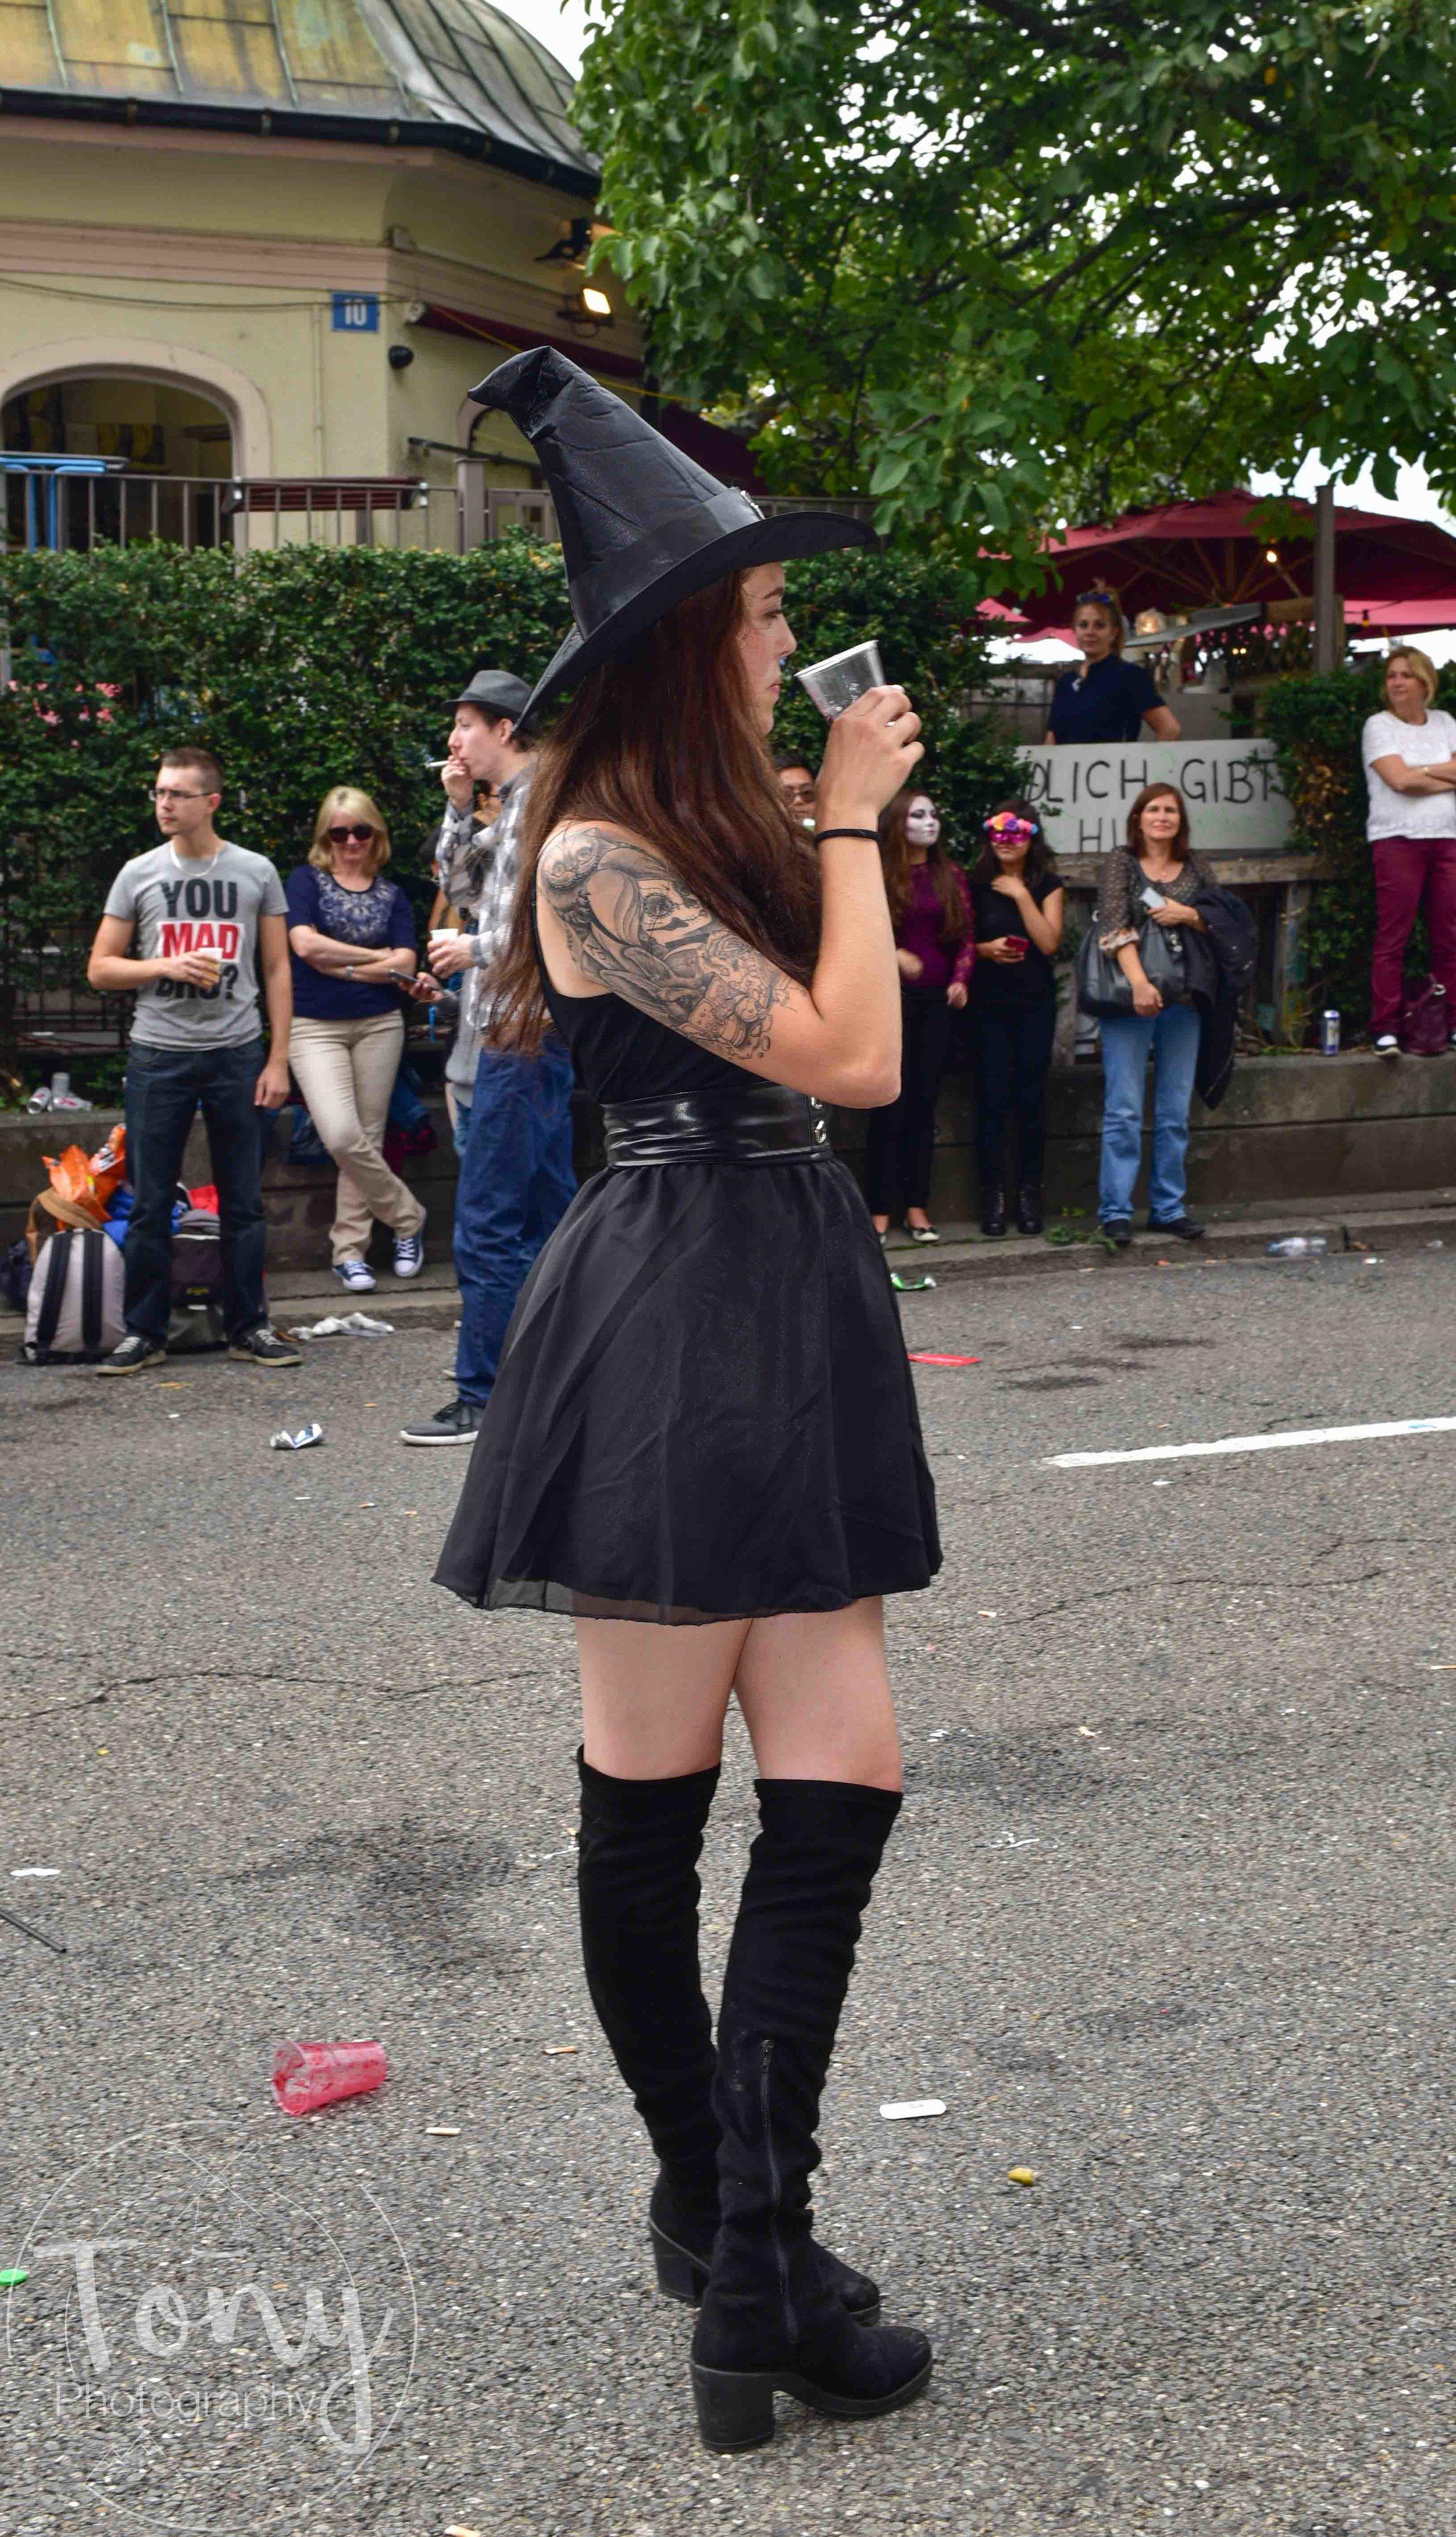 streetparade-85.jpg